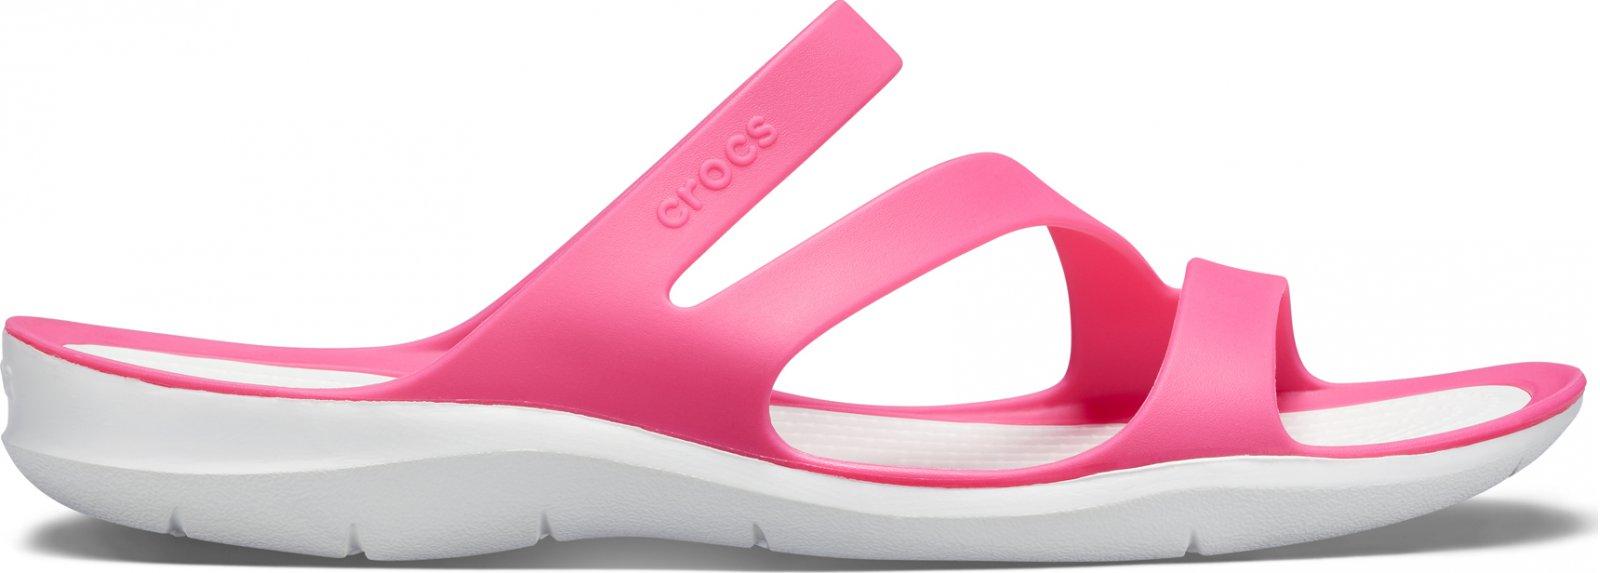 799e23c90a7 Crocs Women s Swiftwater Sandal pink white od 530 Kč • Zboží.cz